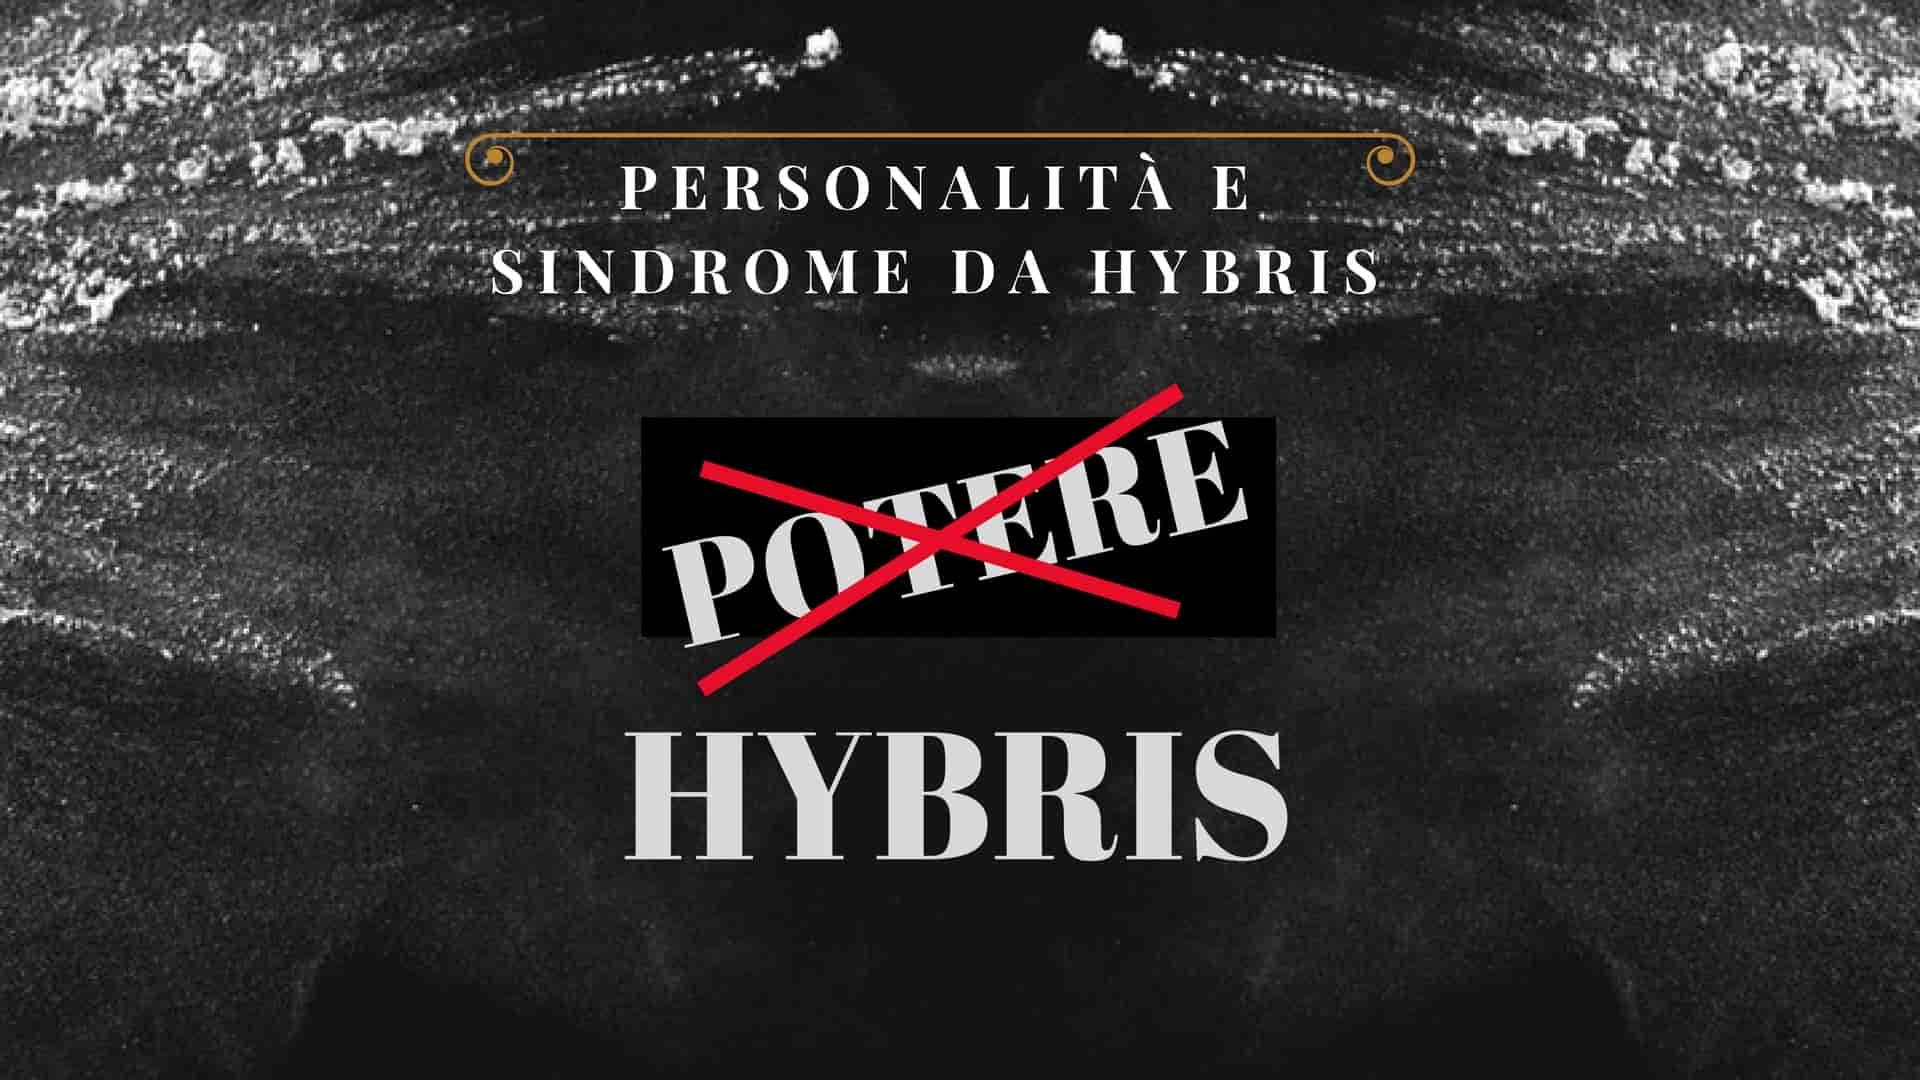 Politica Psicologia Sindrome Hubris Hybris Potere